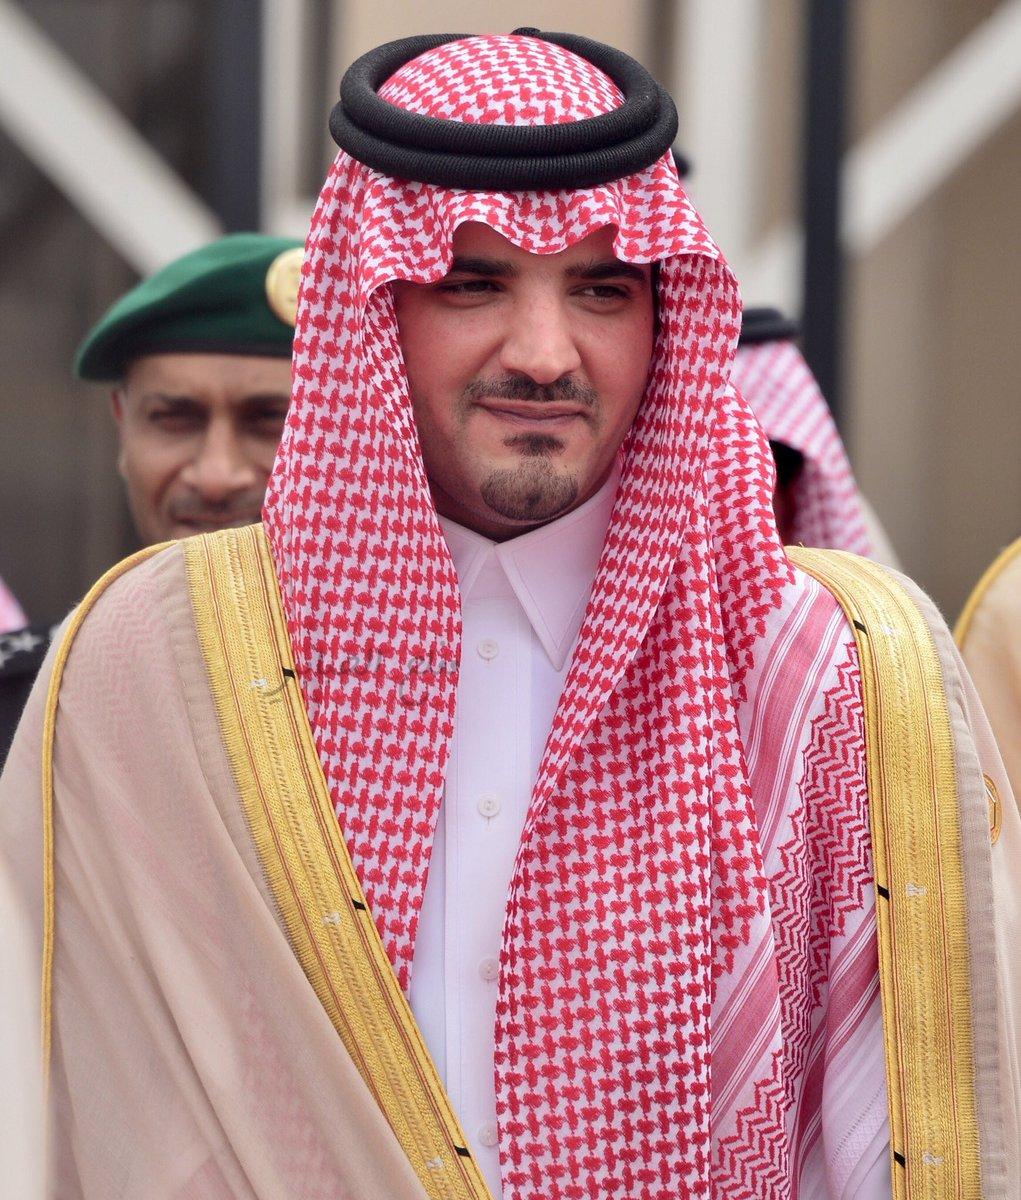 التشكيل الوزارى الجديد فى السعودية بالصور 279180-عبدالعزيز-بن-سعود-بن-نايف